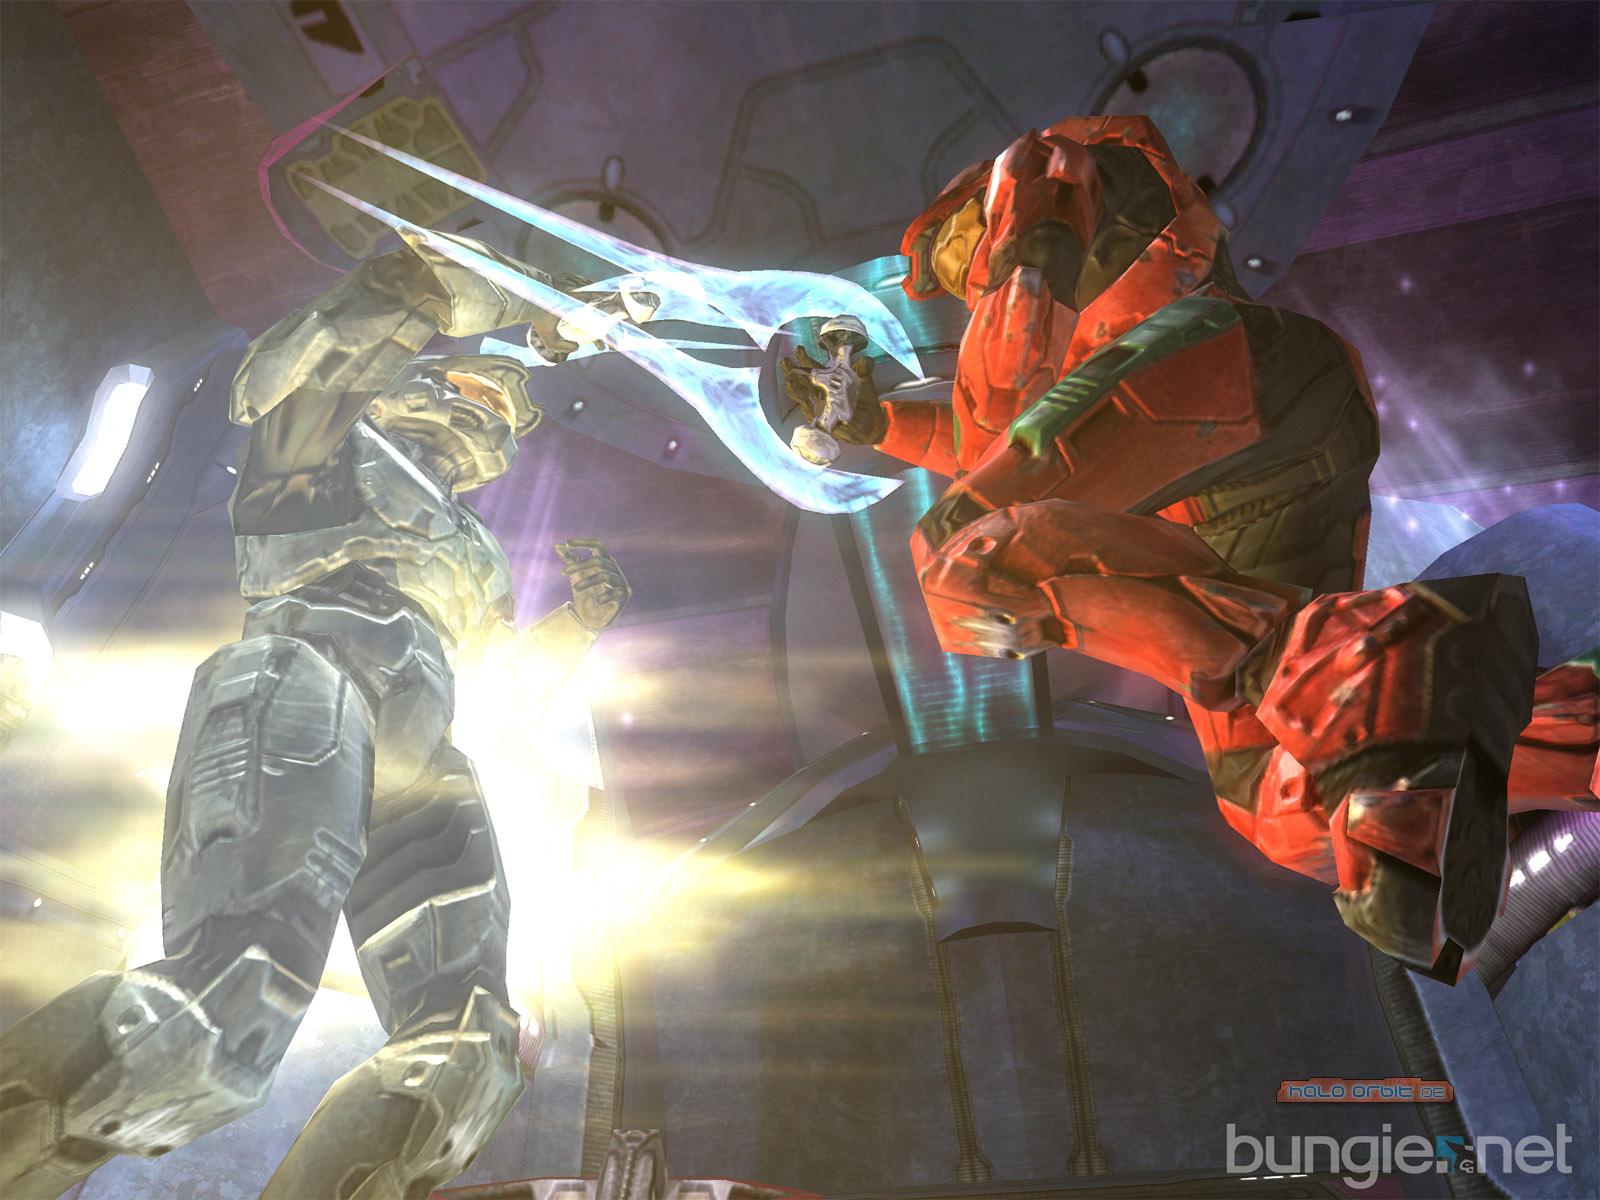 Раз воздать хвалу РС-версии консольного блокбастера Halo 2